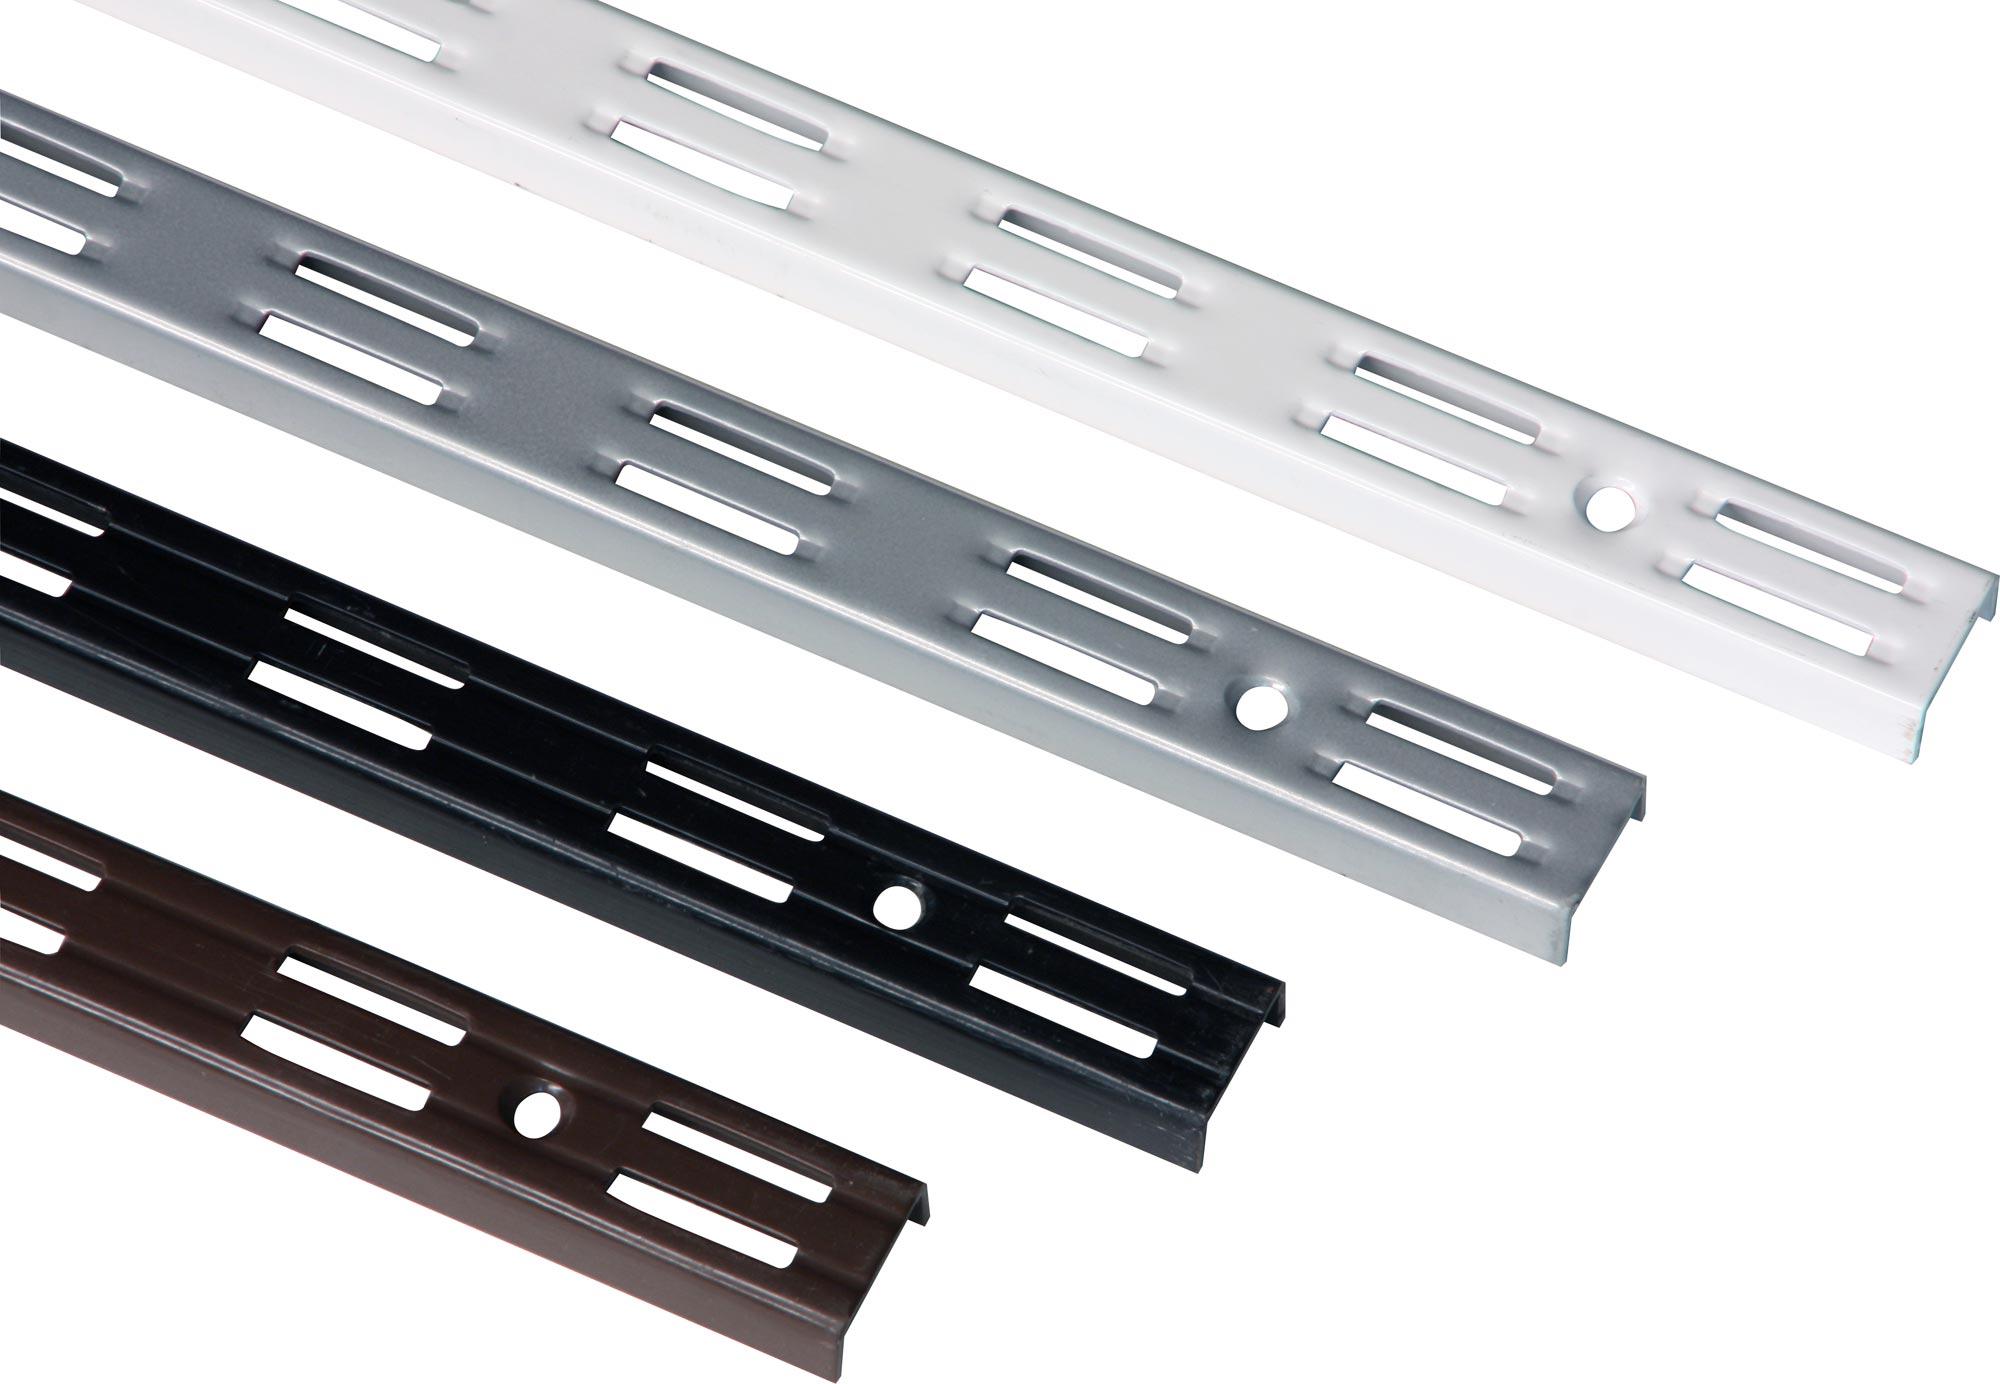 Farbe wählbarRegalsystem Regal Wandschiene RASTER 50 mm1-reihigGrösse